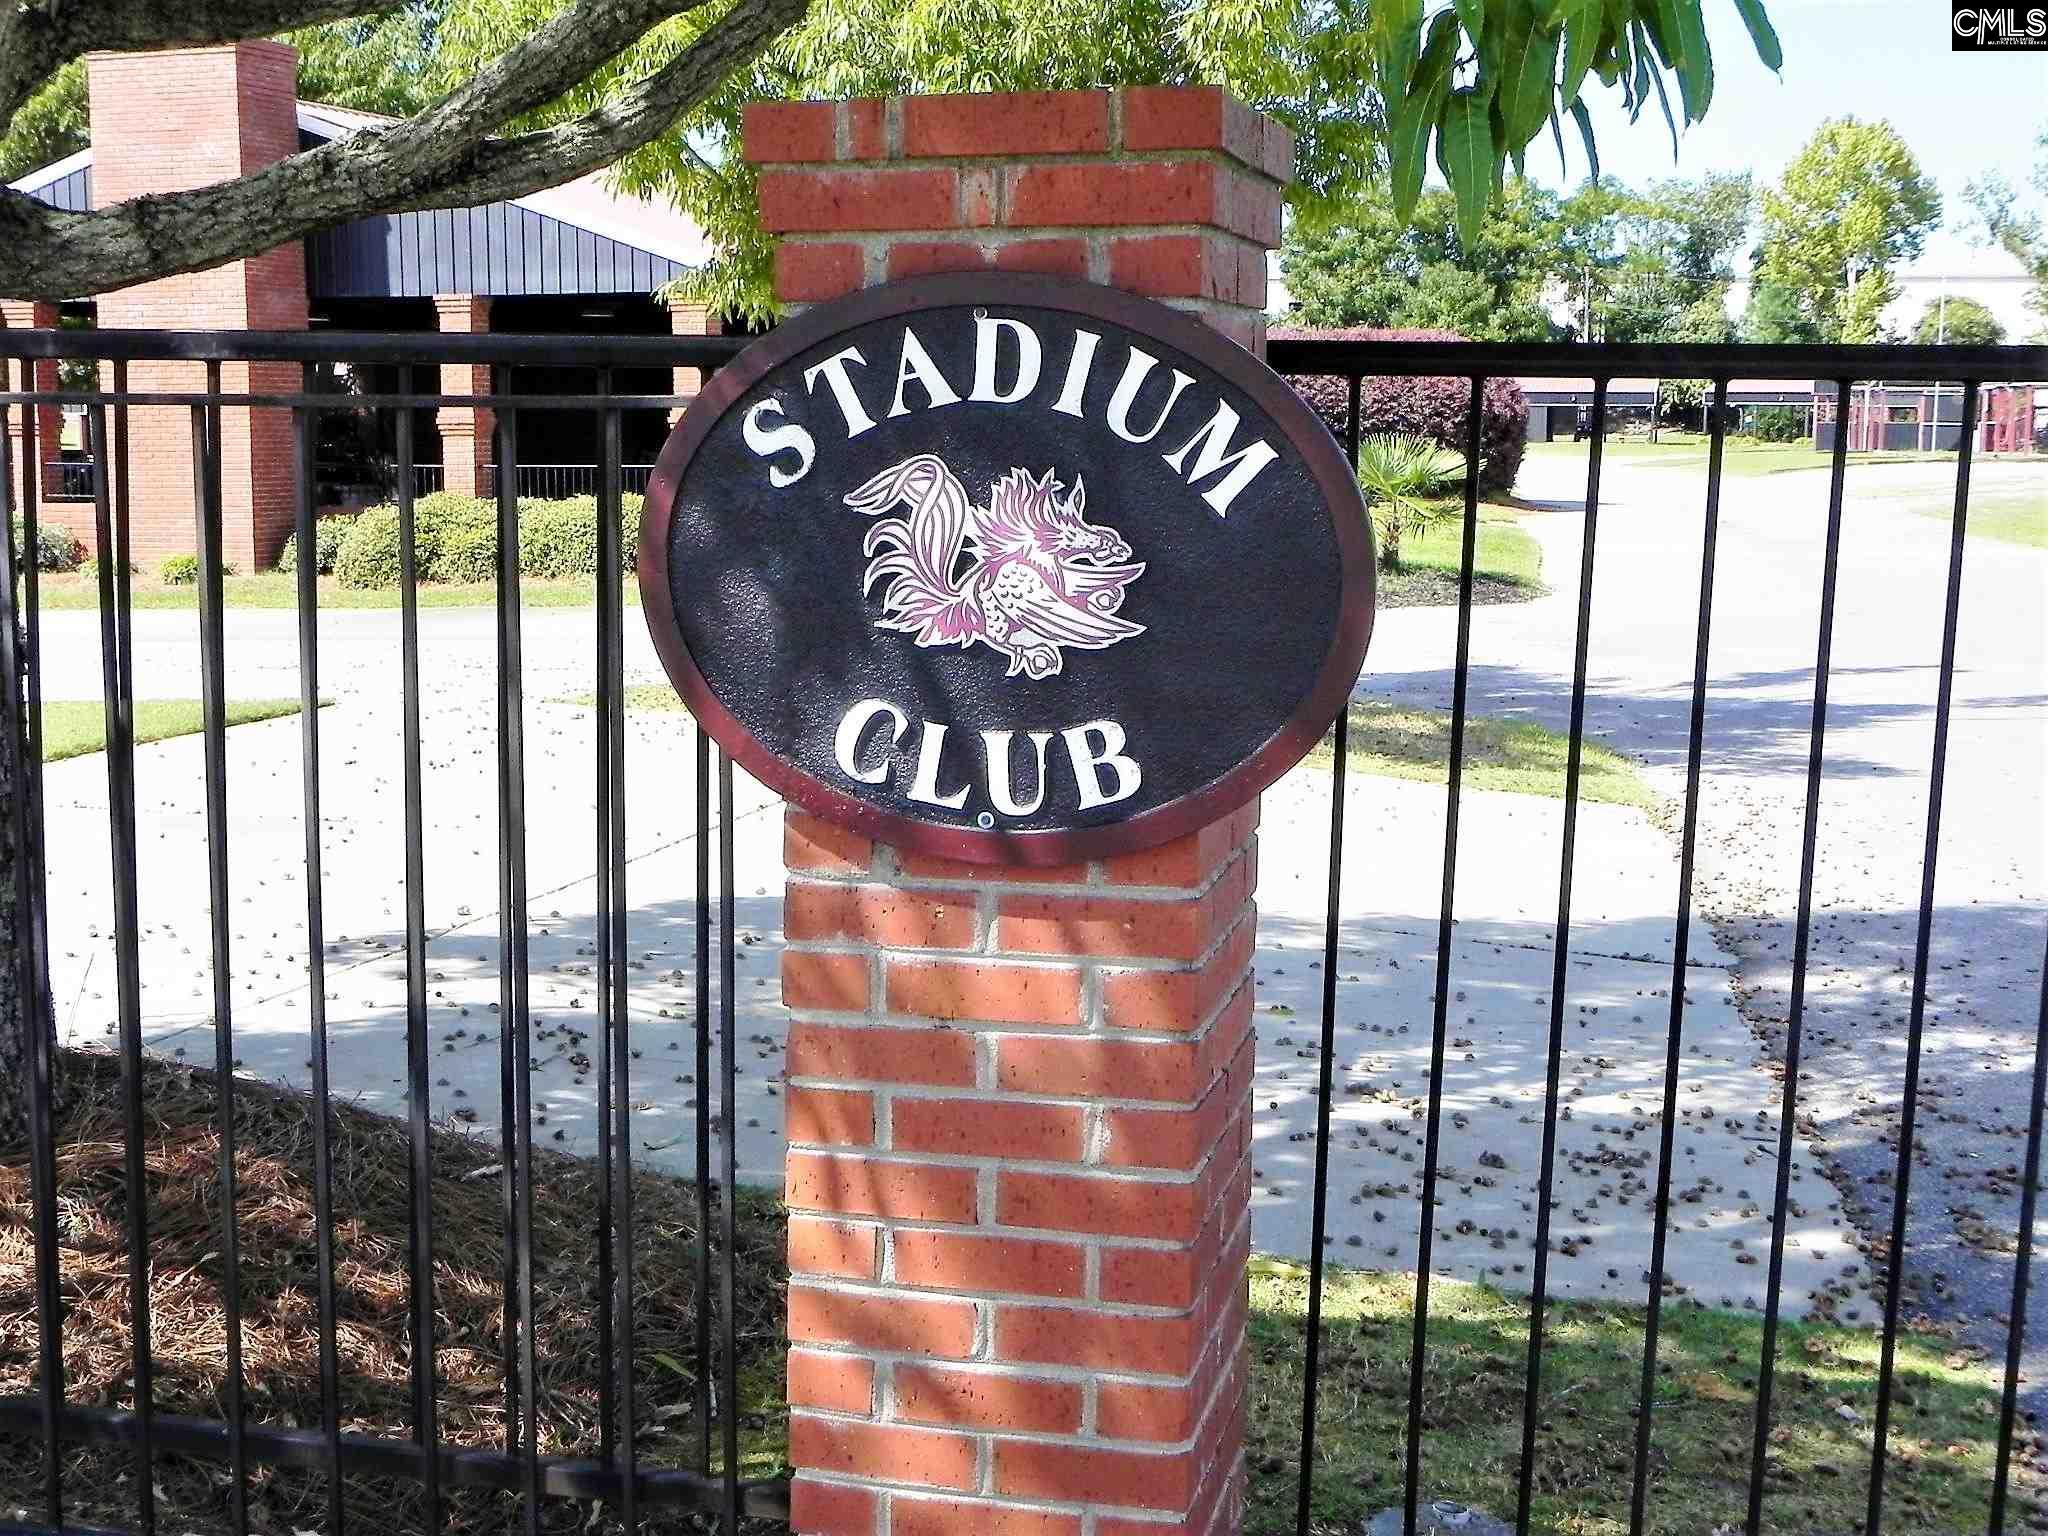 25 S. Stadium Columbia, SC 29201